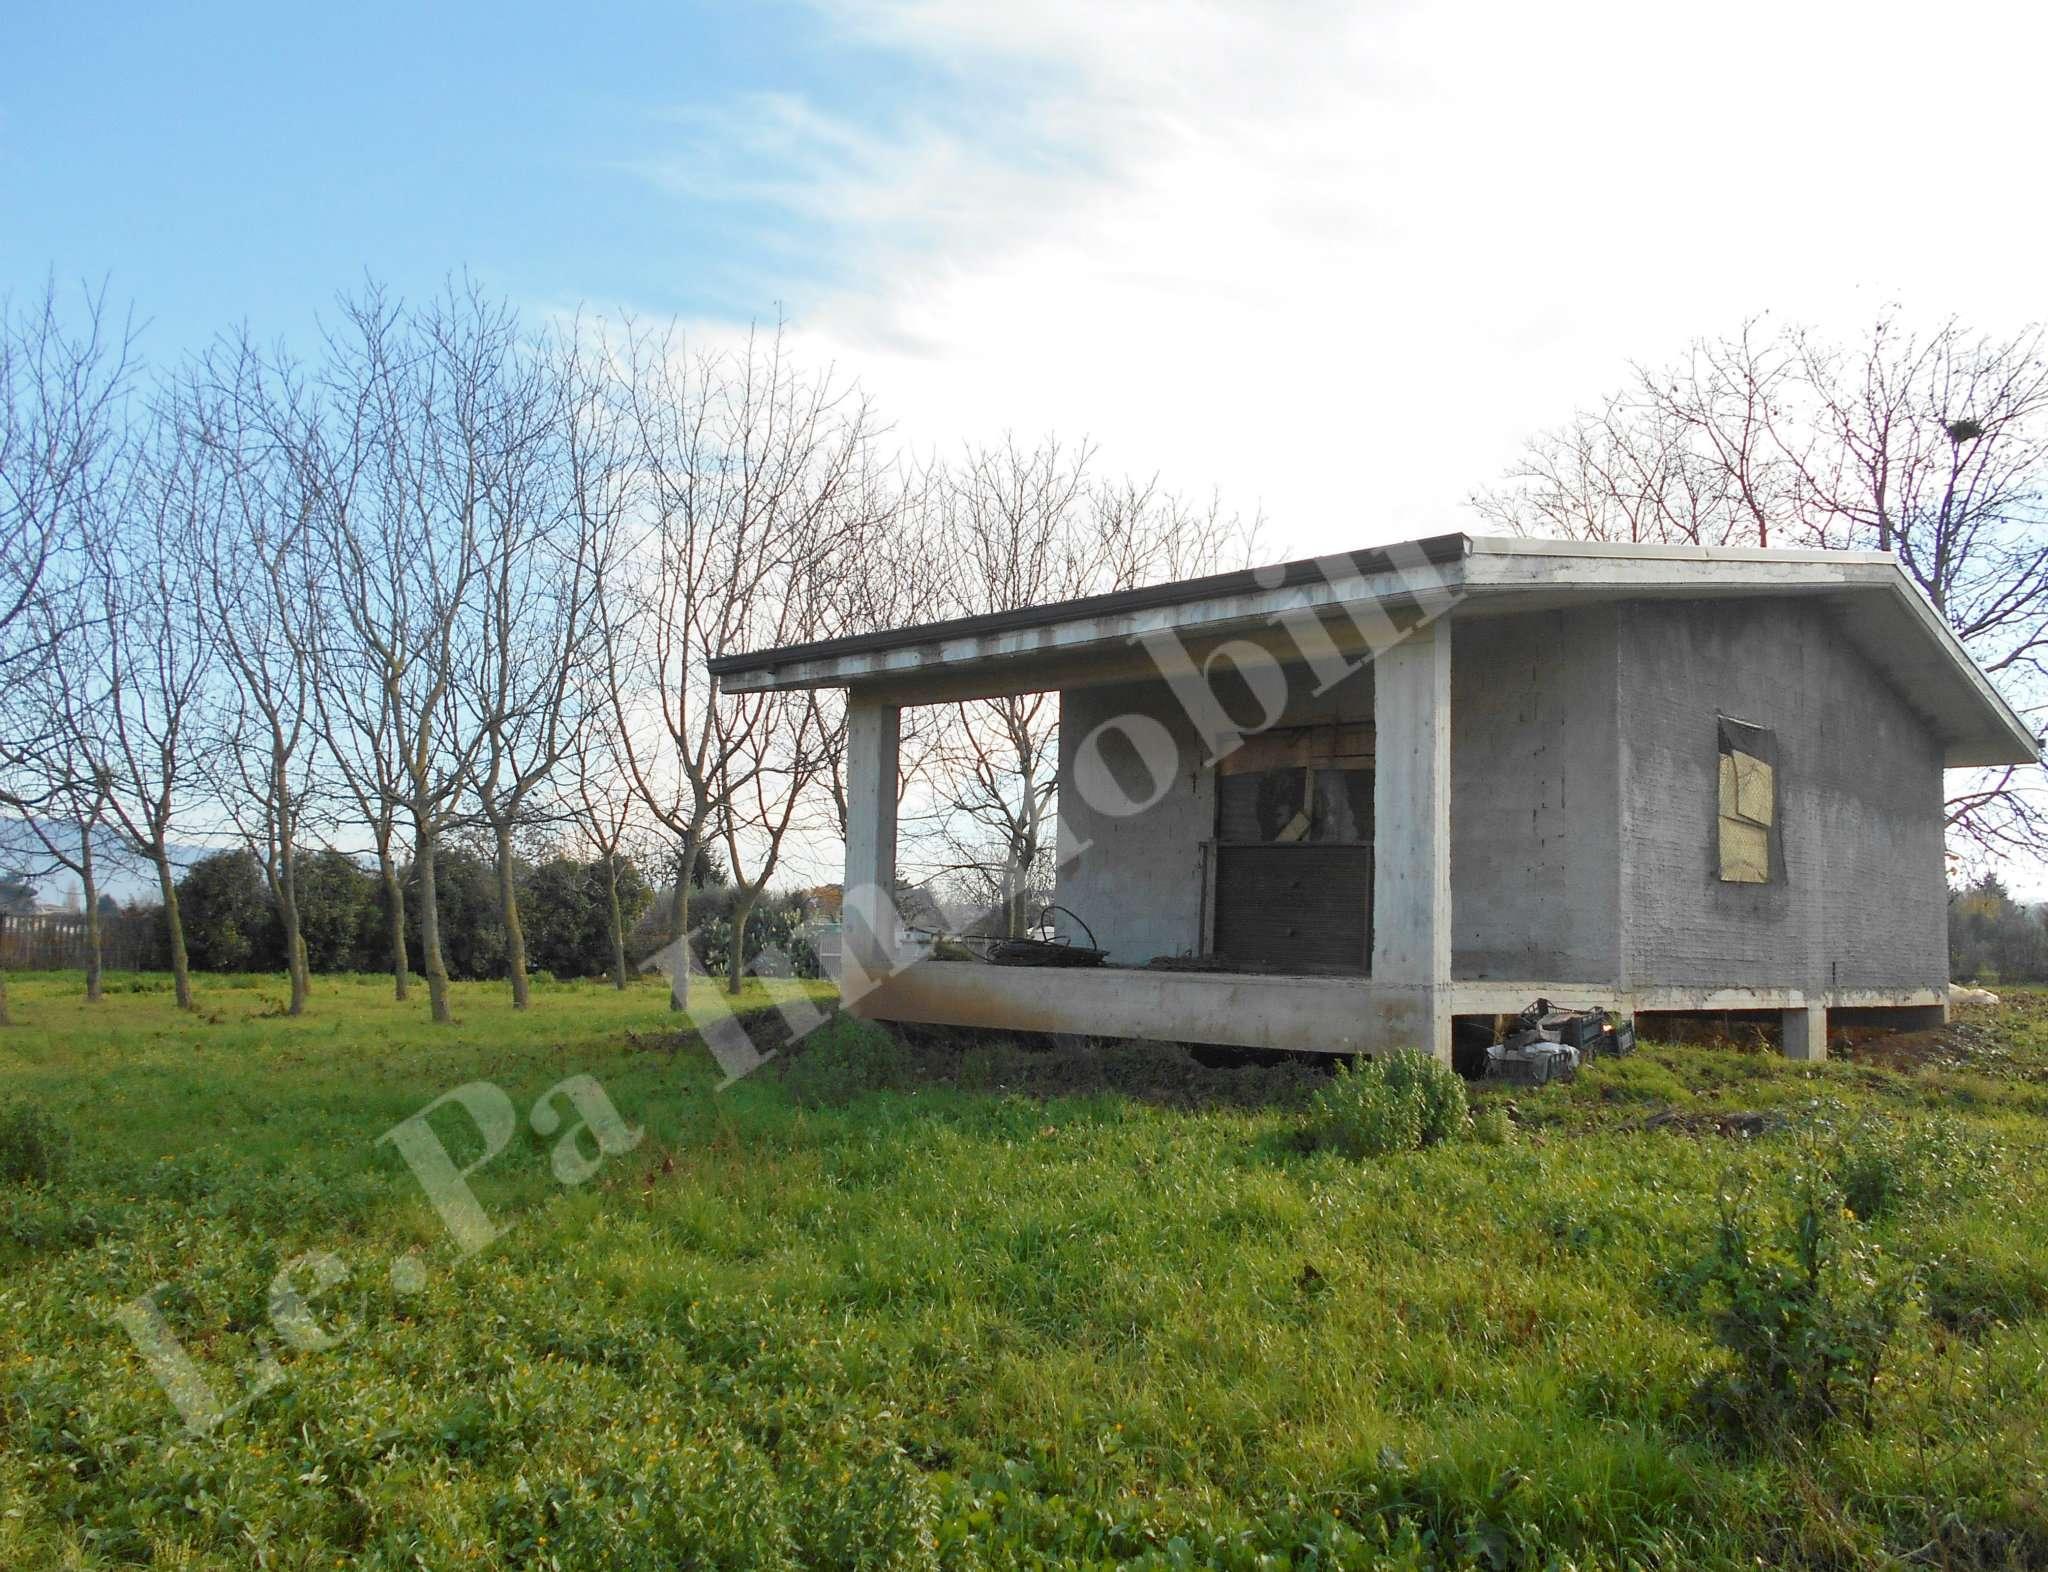 Rustico / Casale in vendita a San Cesareo, 1 locali, prezzo € 150.000 | CambioCasa.it